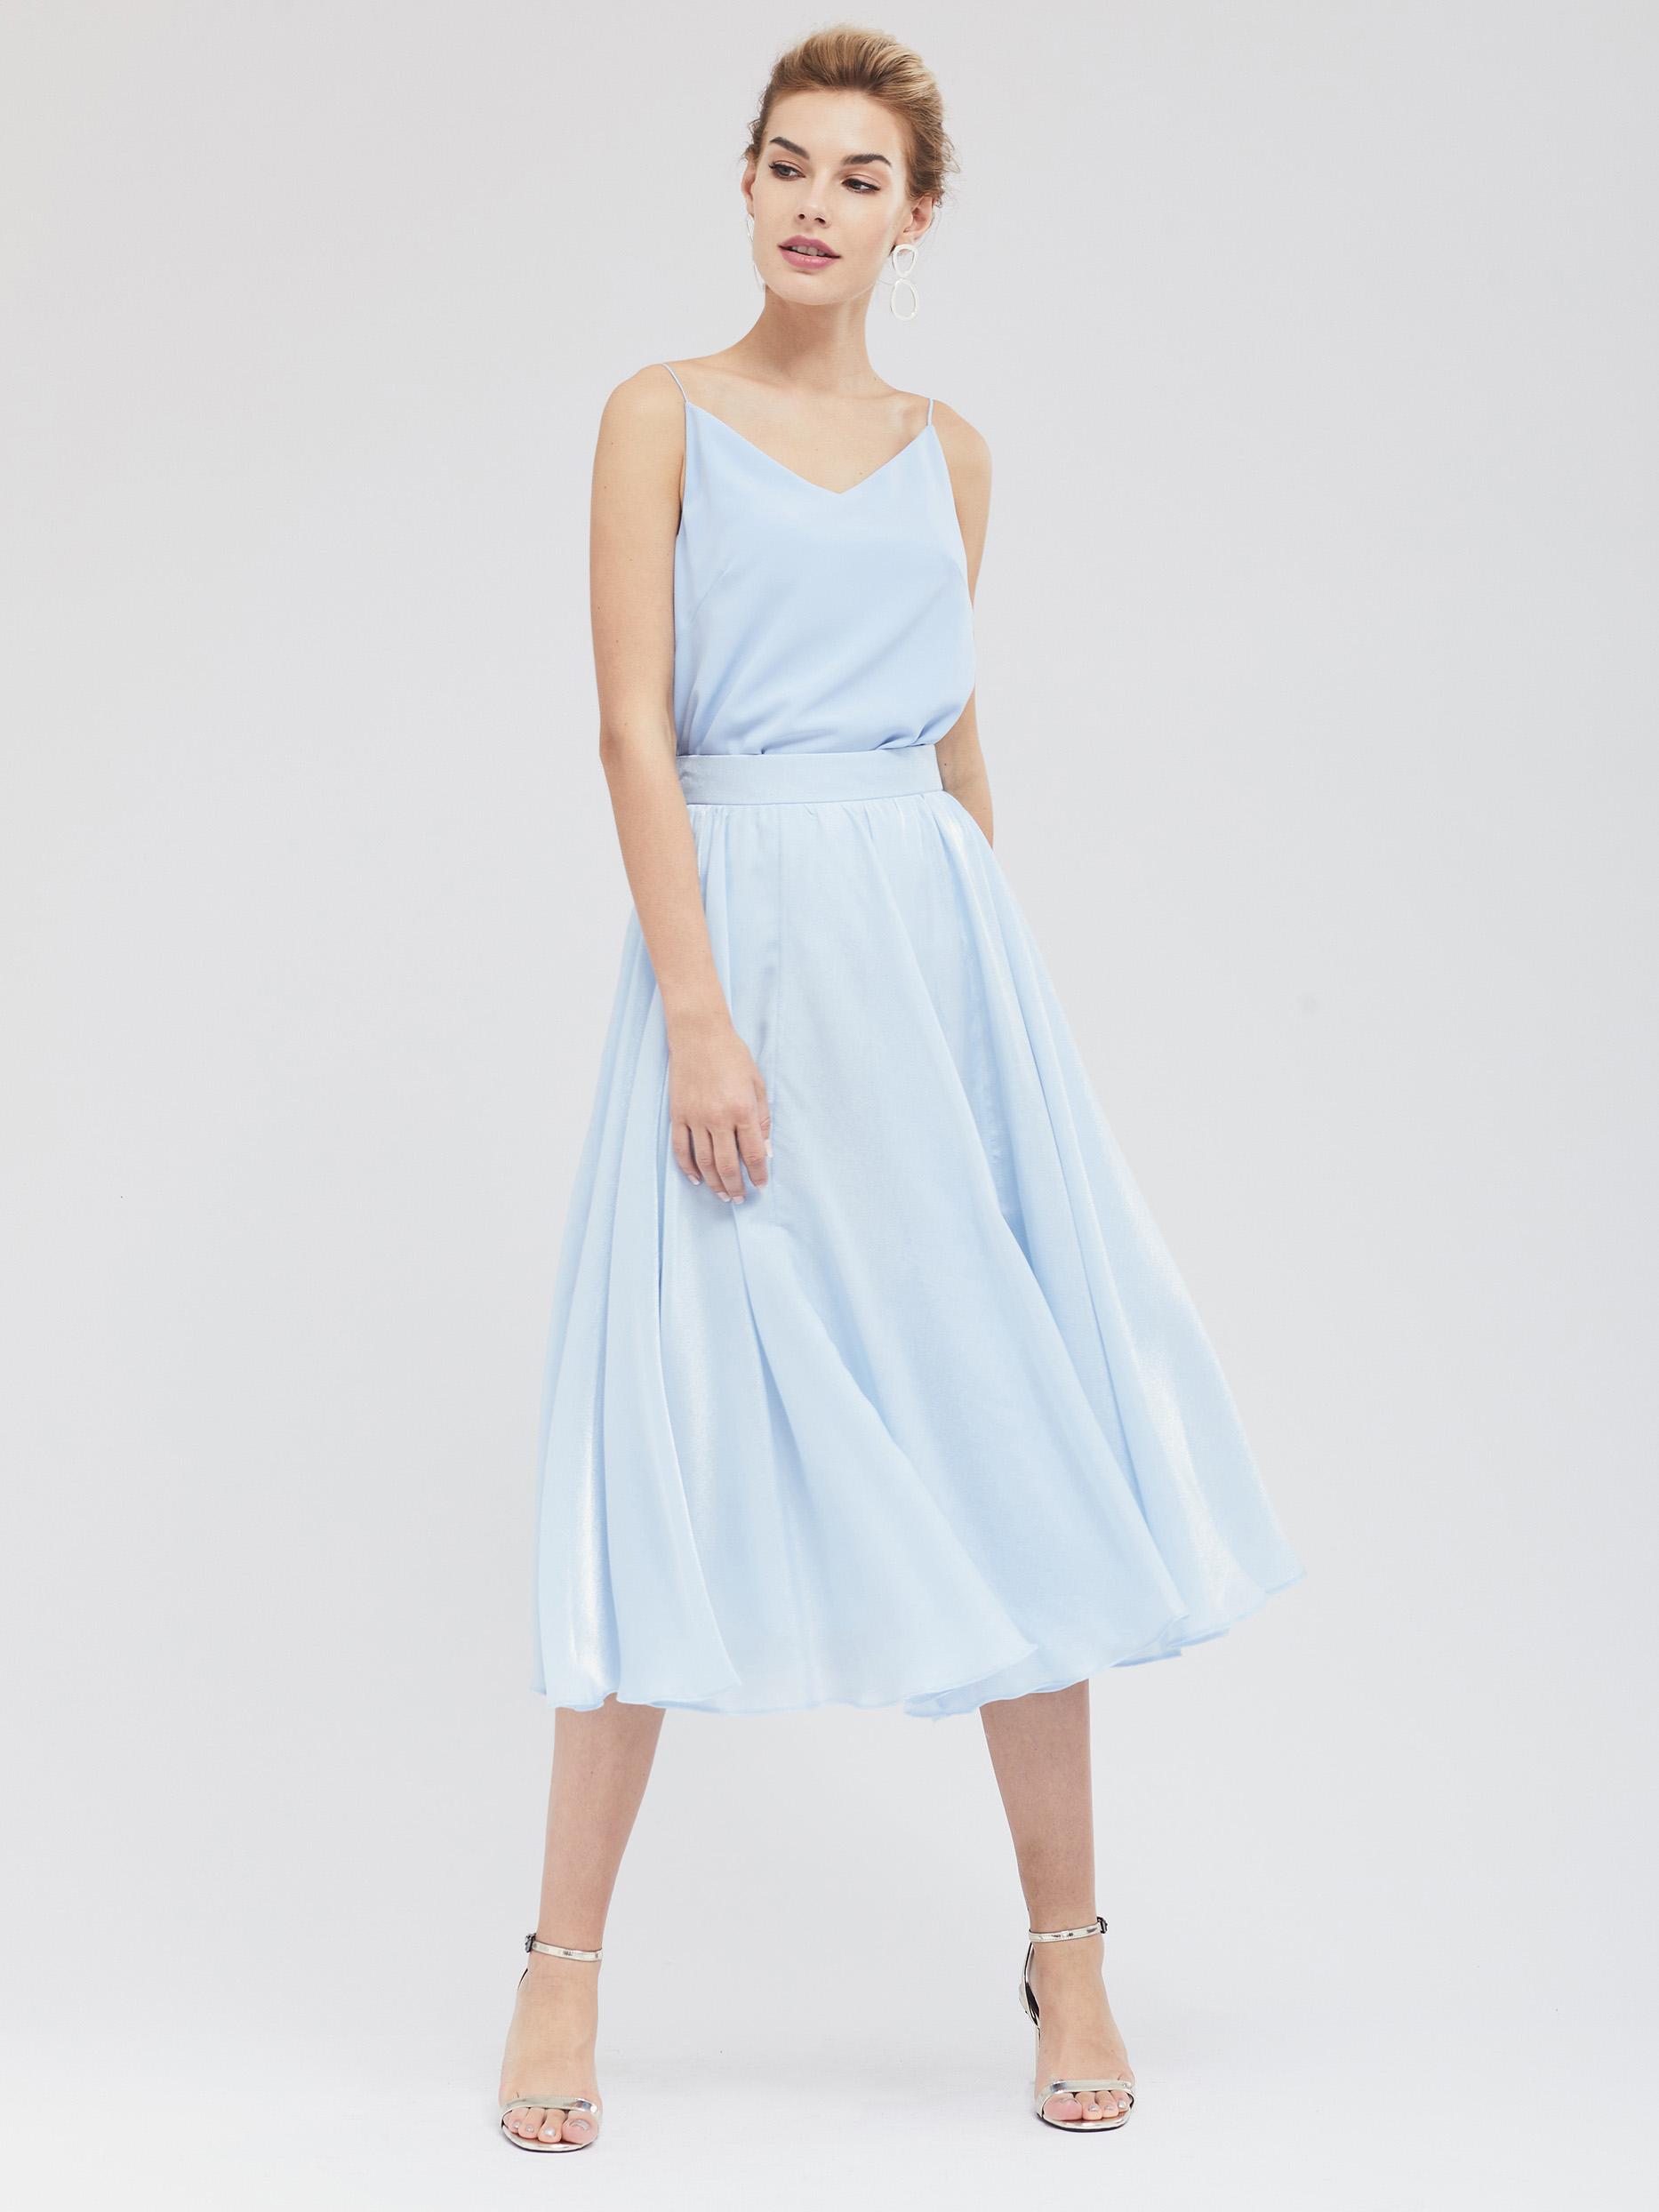 Расклешённая юбка из ткани с блеском фото